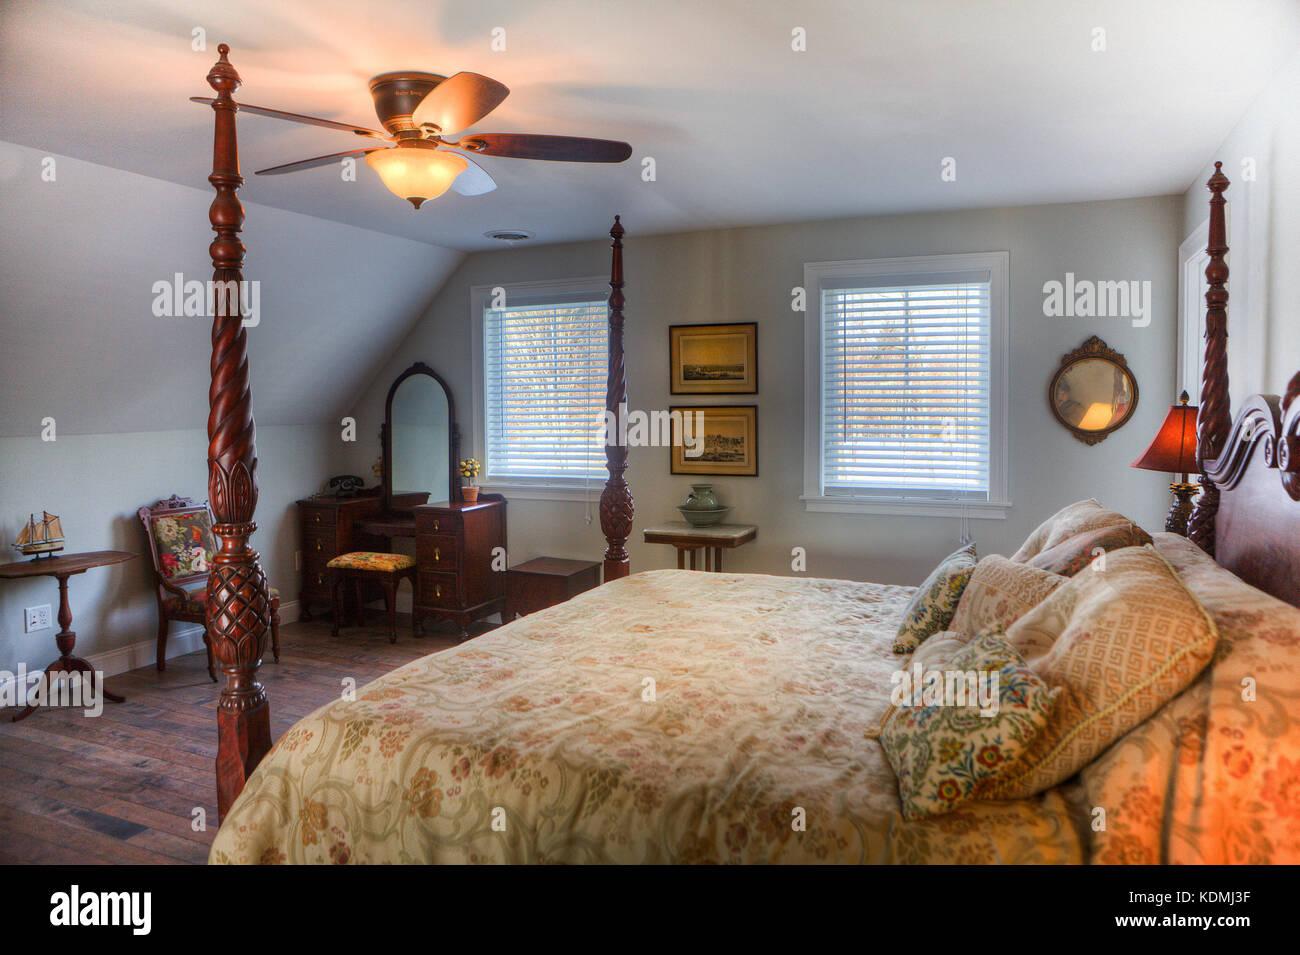 Schlafzimmer mit Himmelbett, Nachttisch, Deckenventilator ...